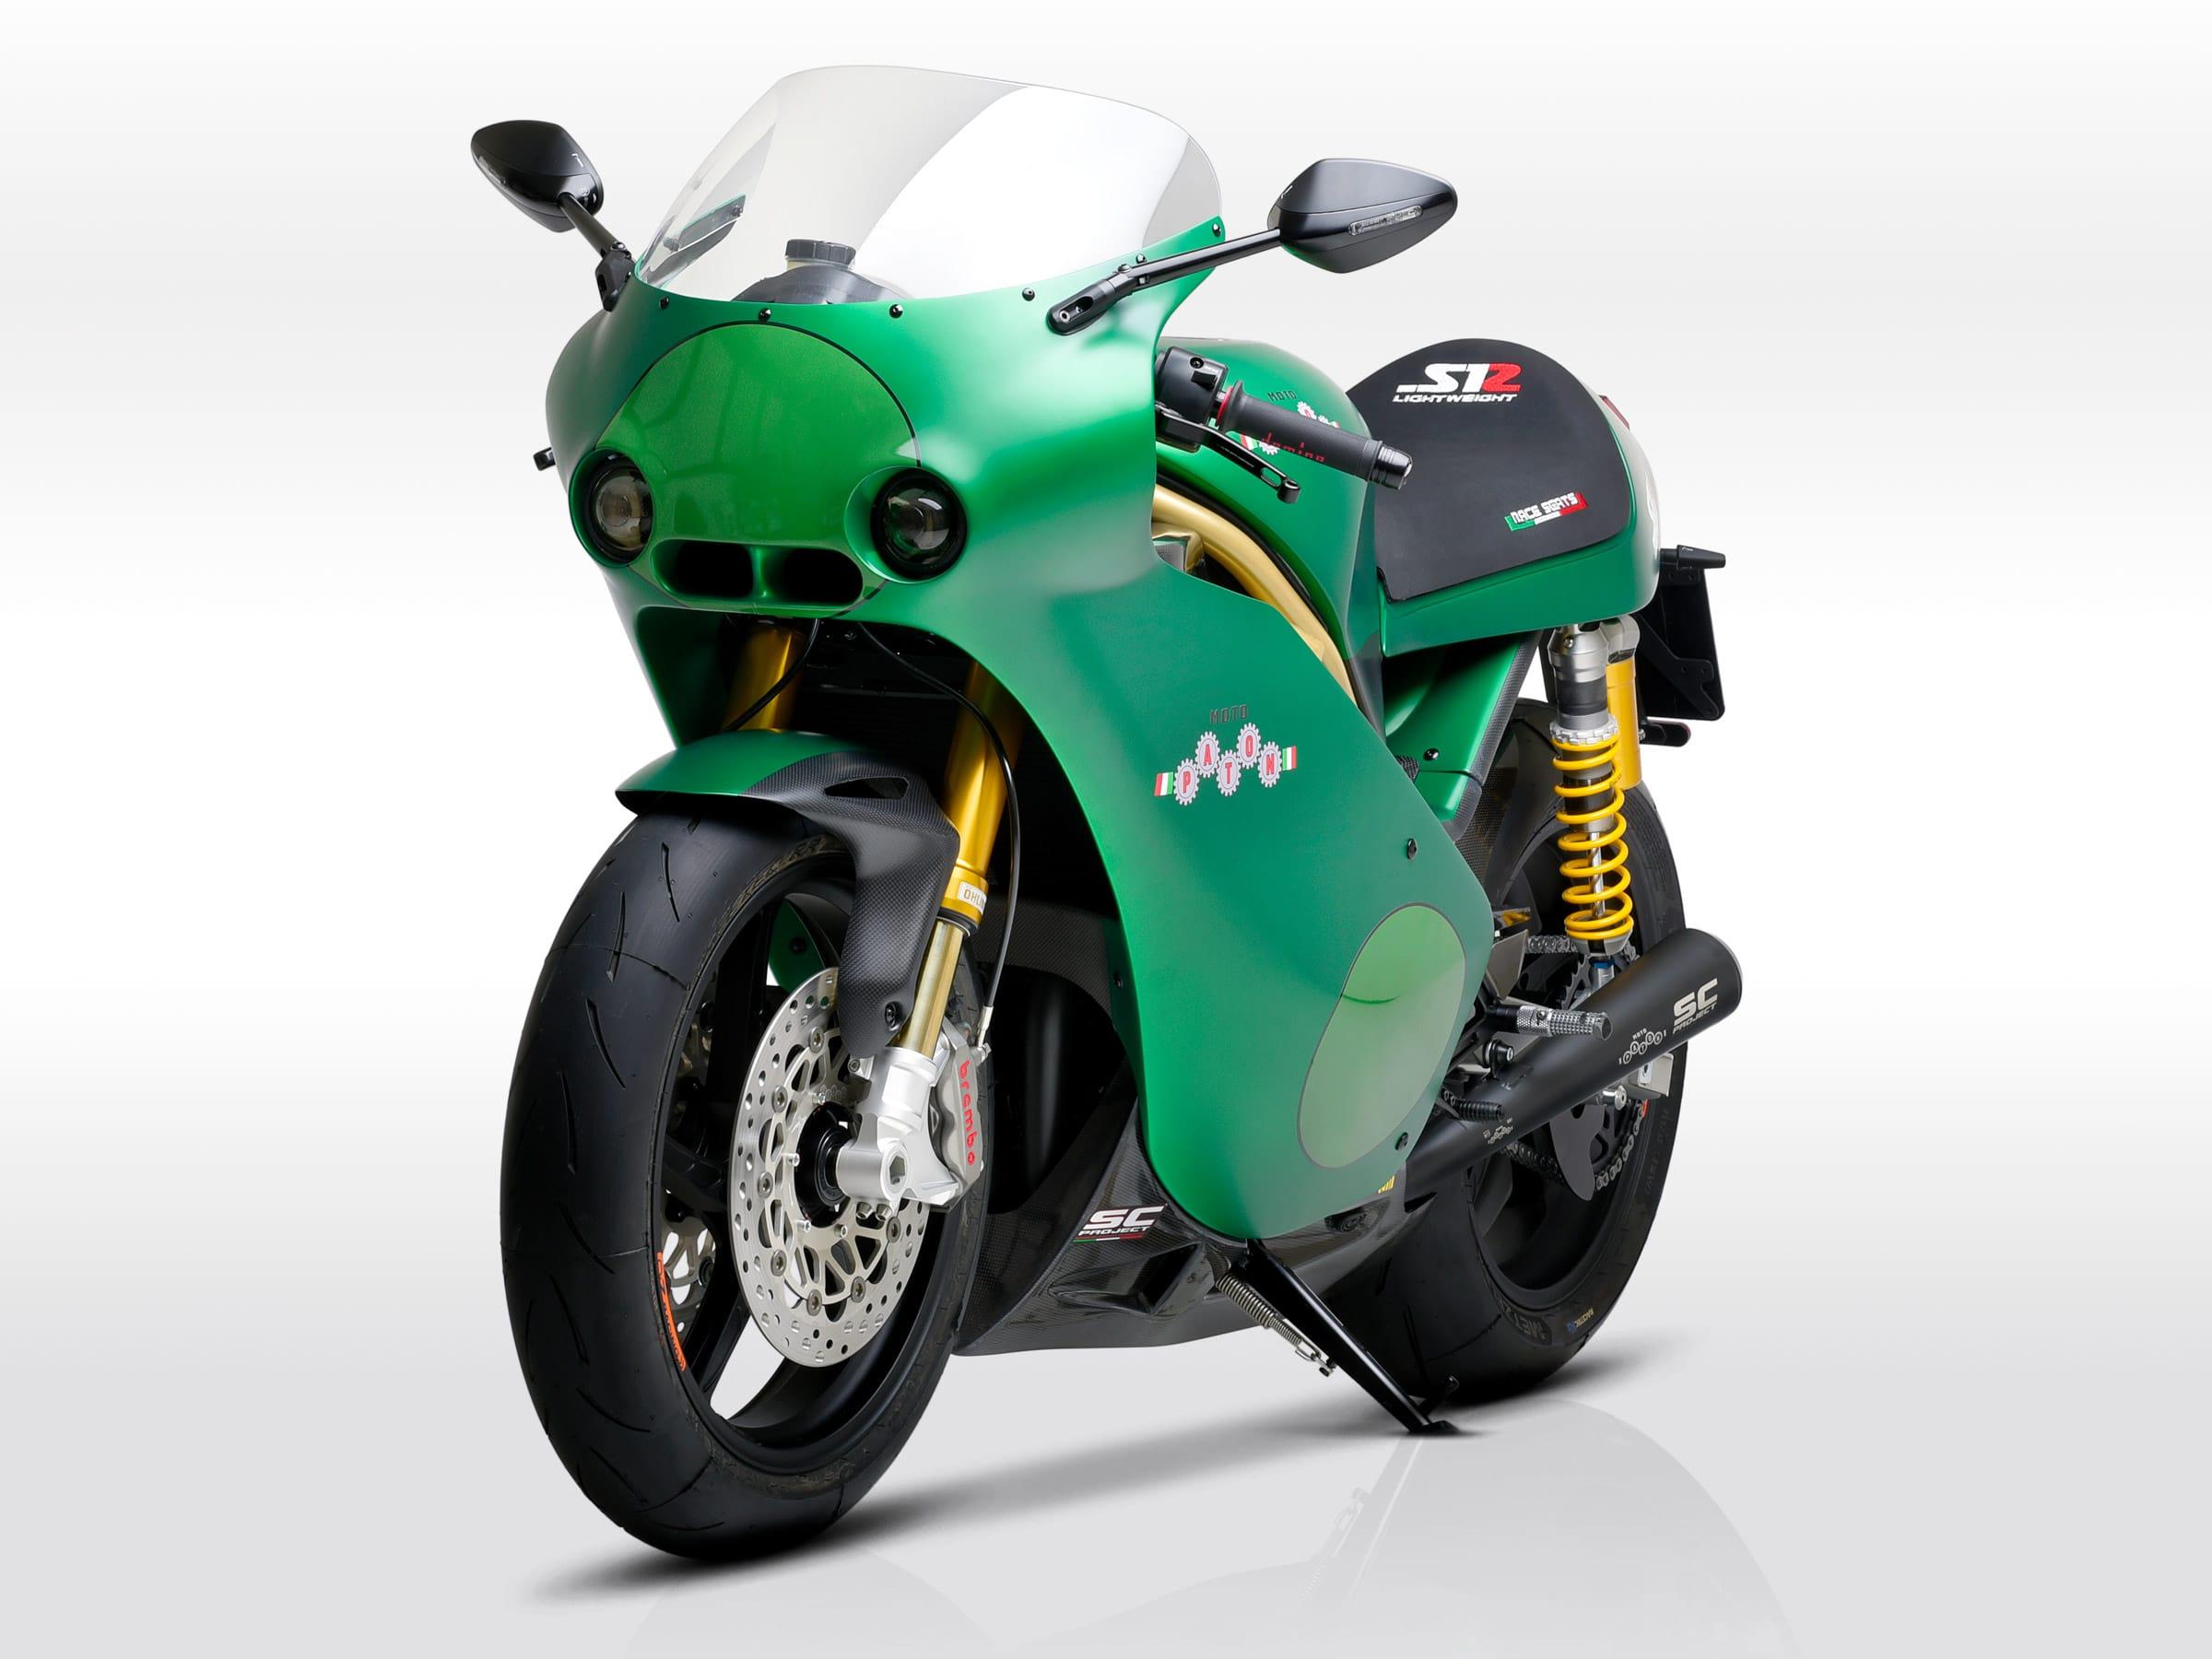 Paton_S1R-Lightweight_Stradale-Omologata_Anteriore-SX-min